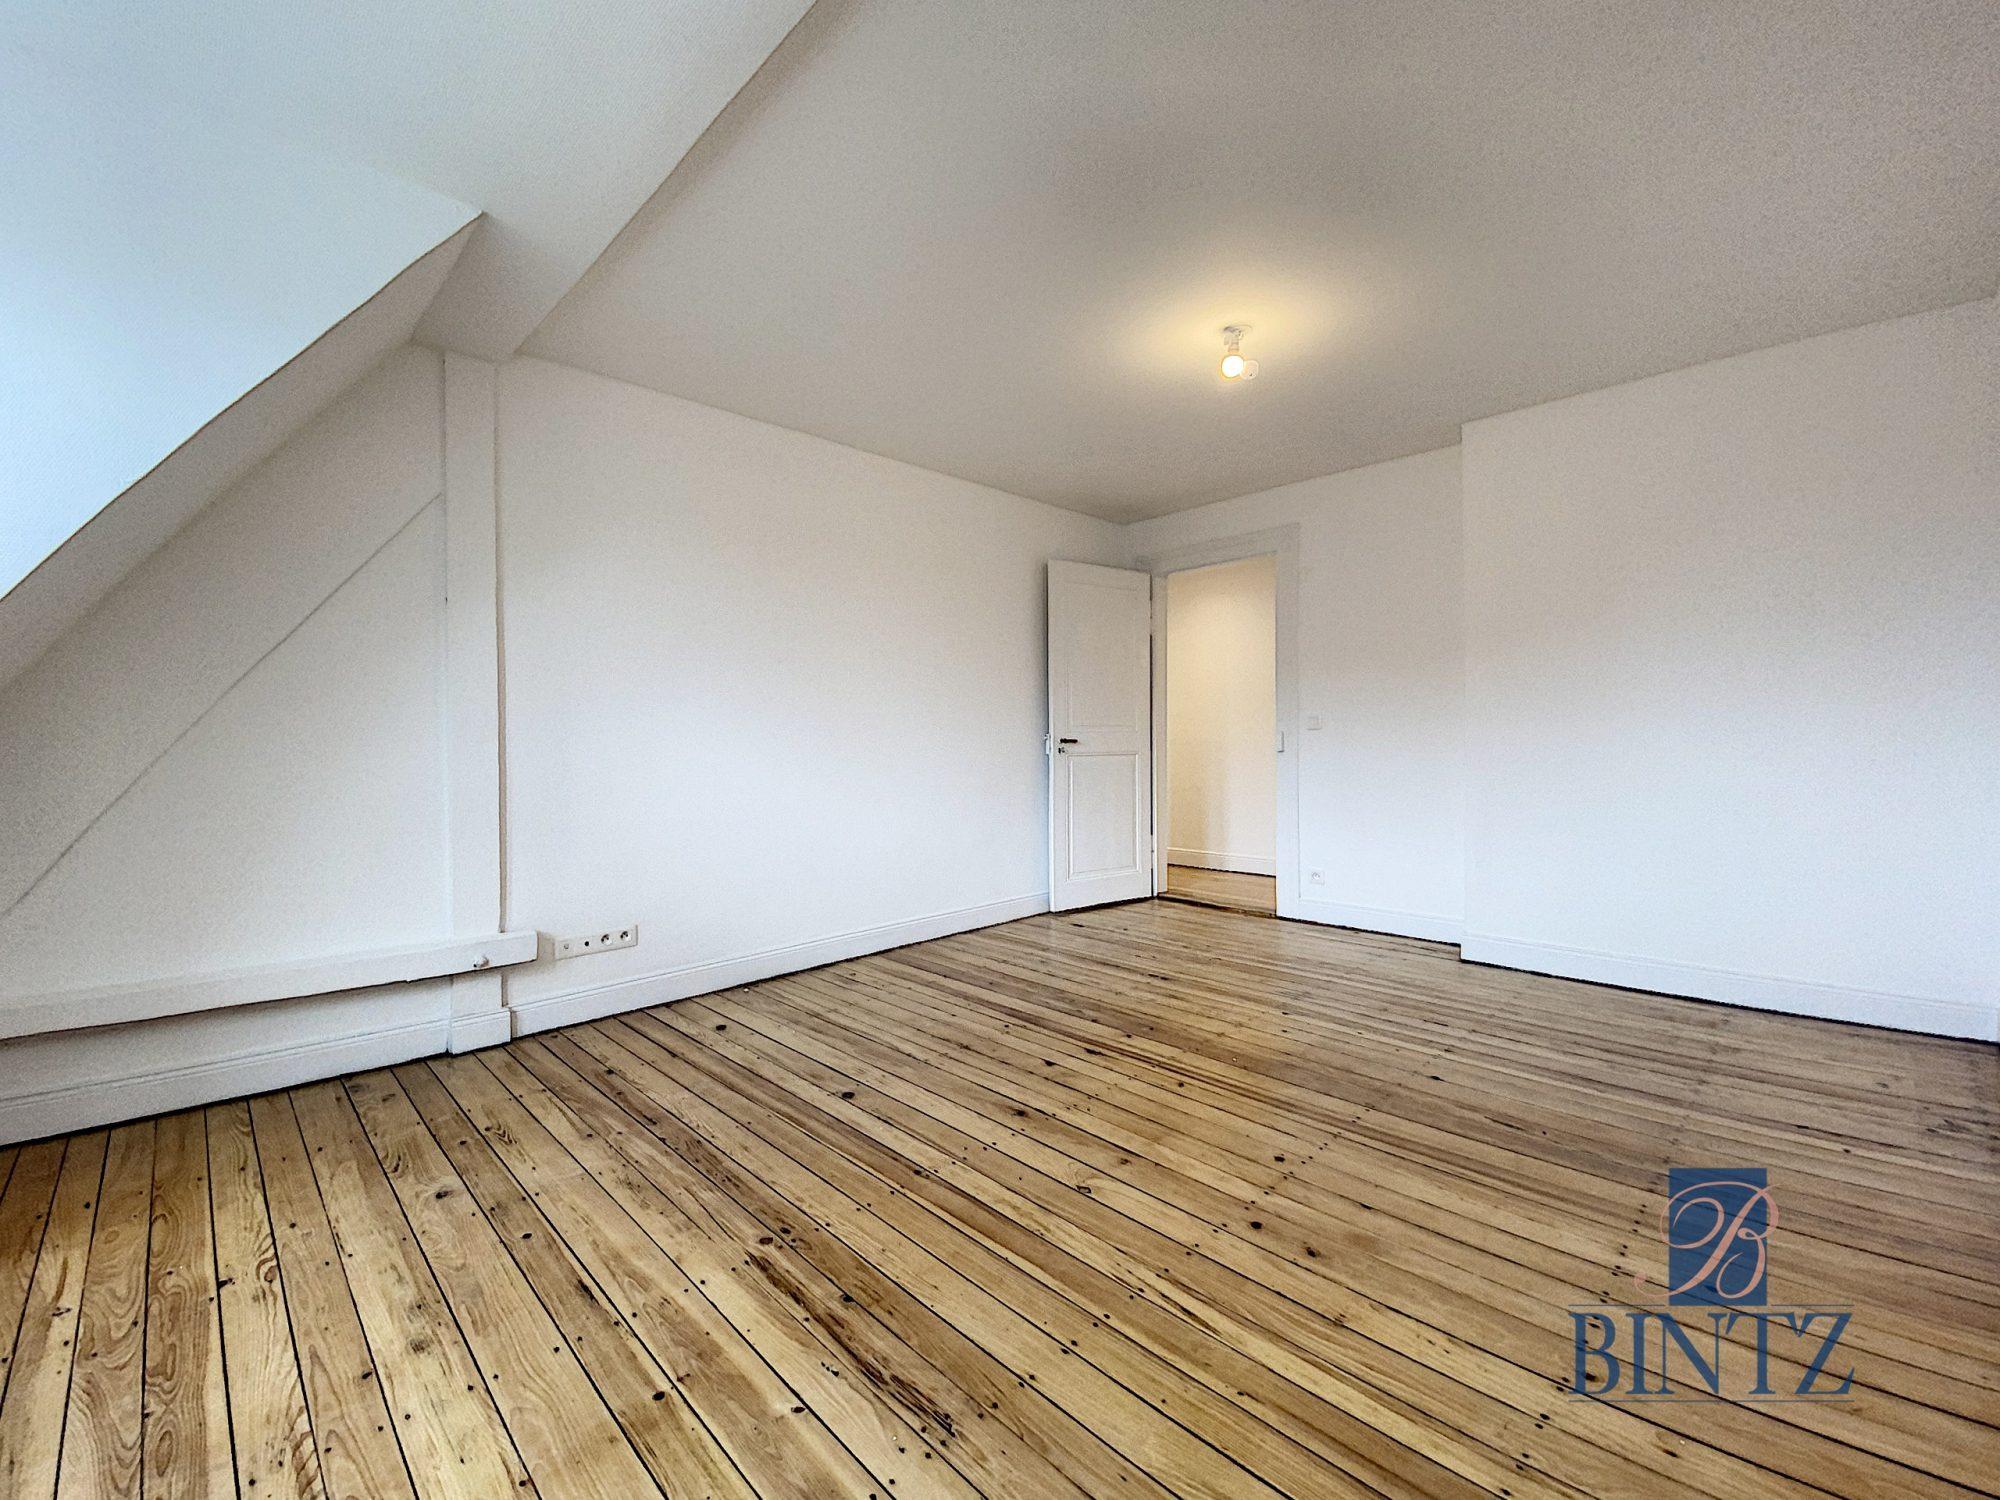 T3 BD LEBLOIS 5EME - Devenez locataire en toute sérénité - Bintz Immobilier - 2